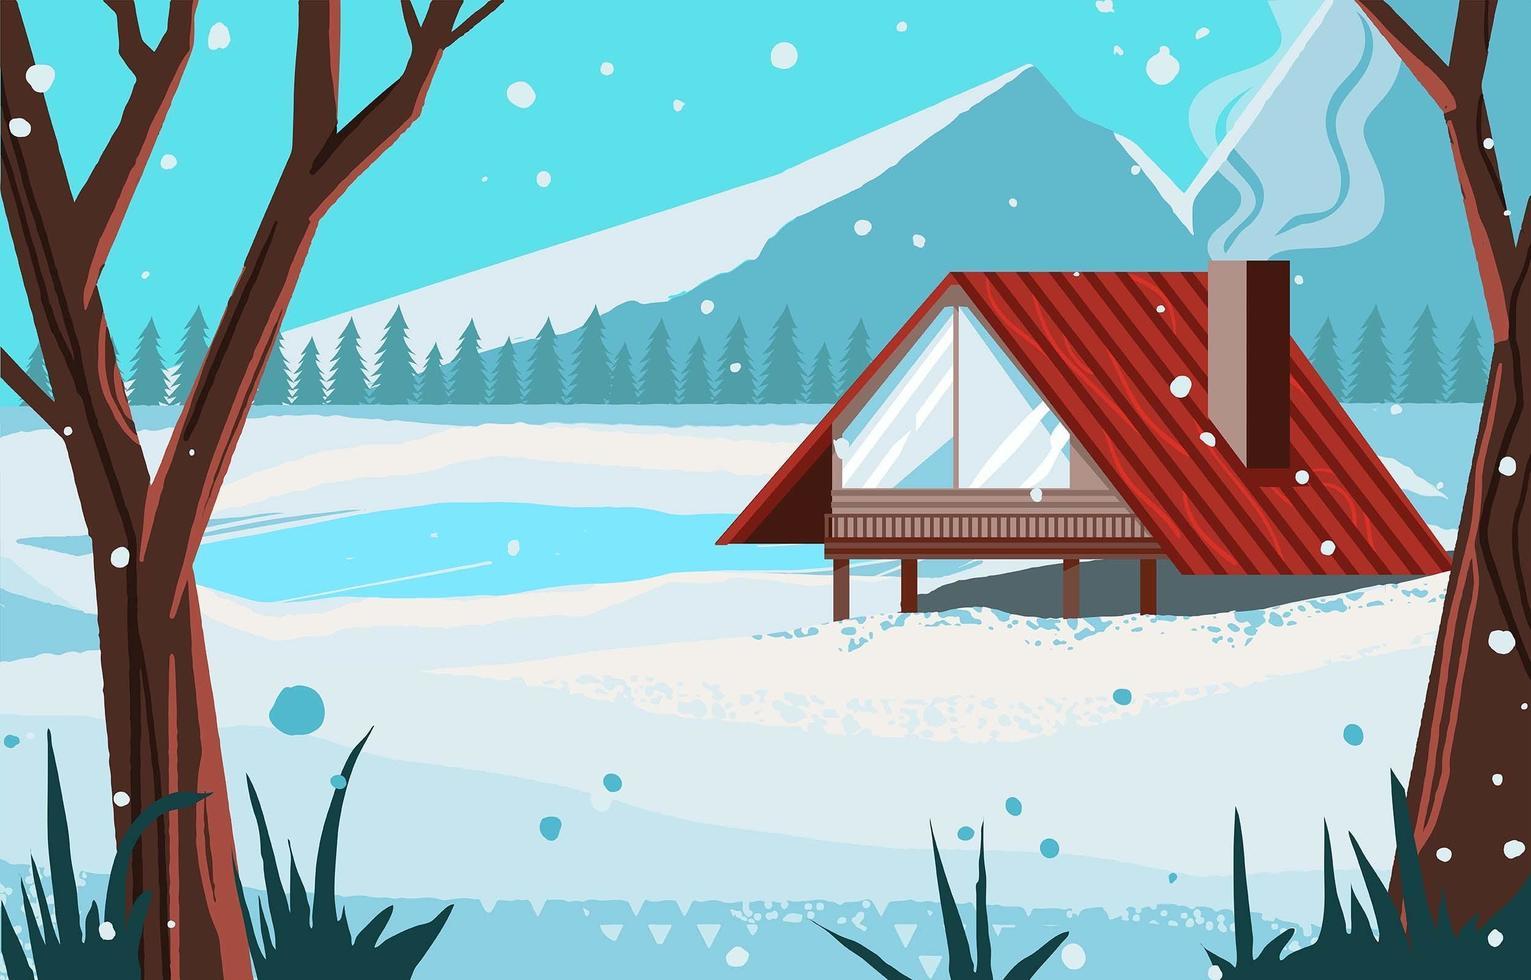 maison rouge au bord du lac gelé en hiver vecteur